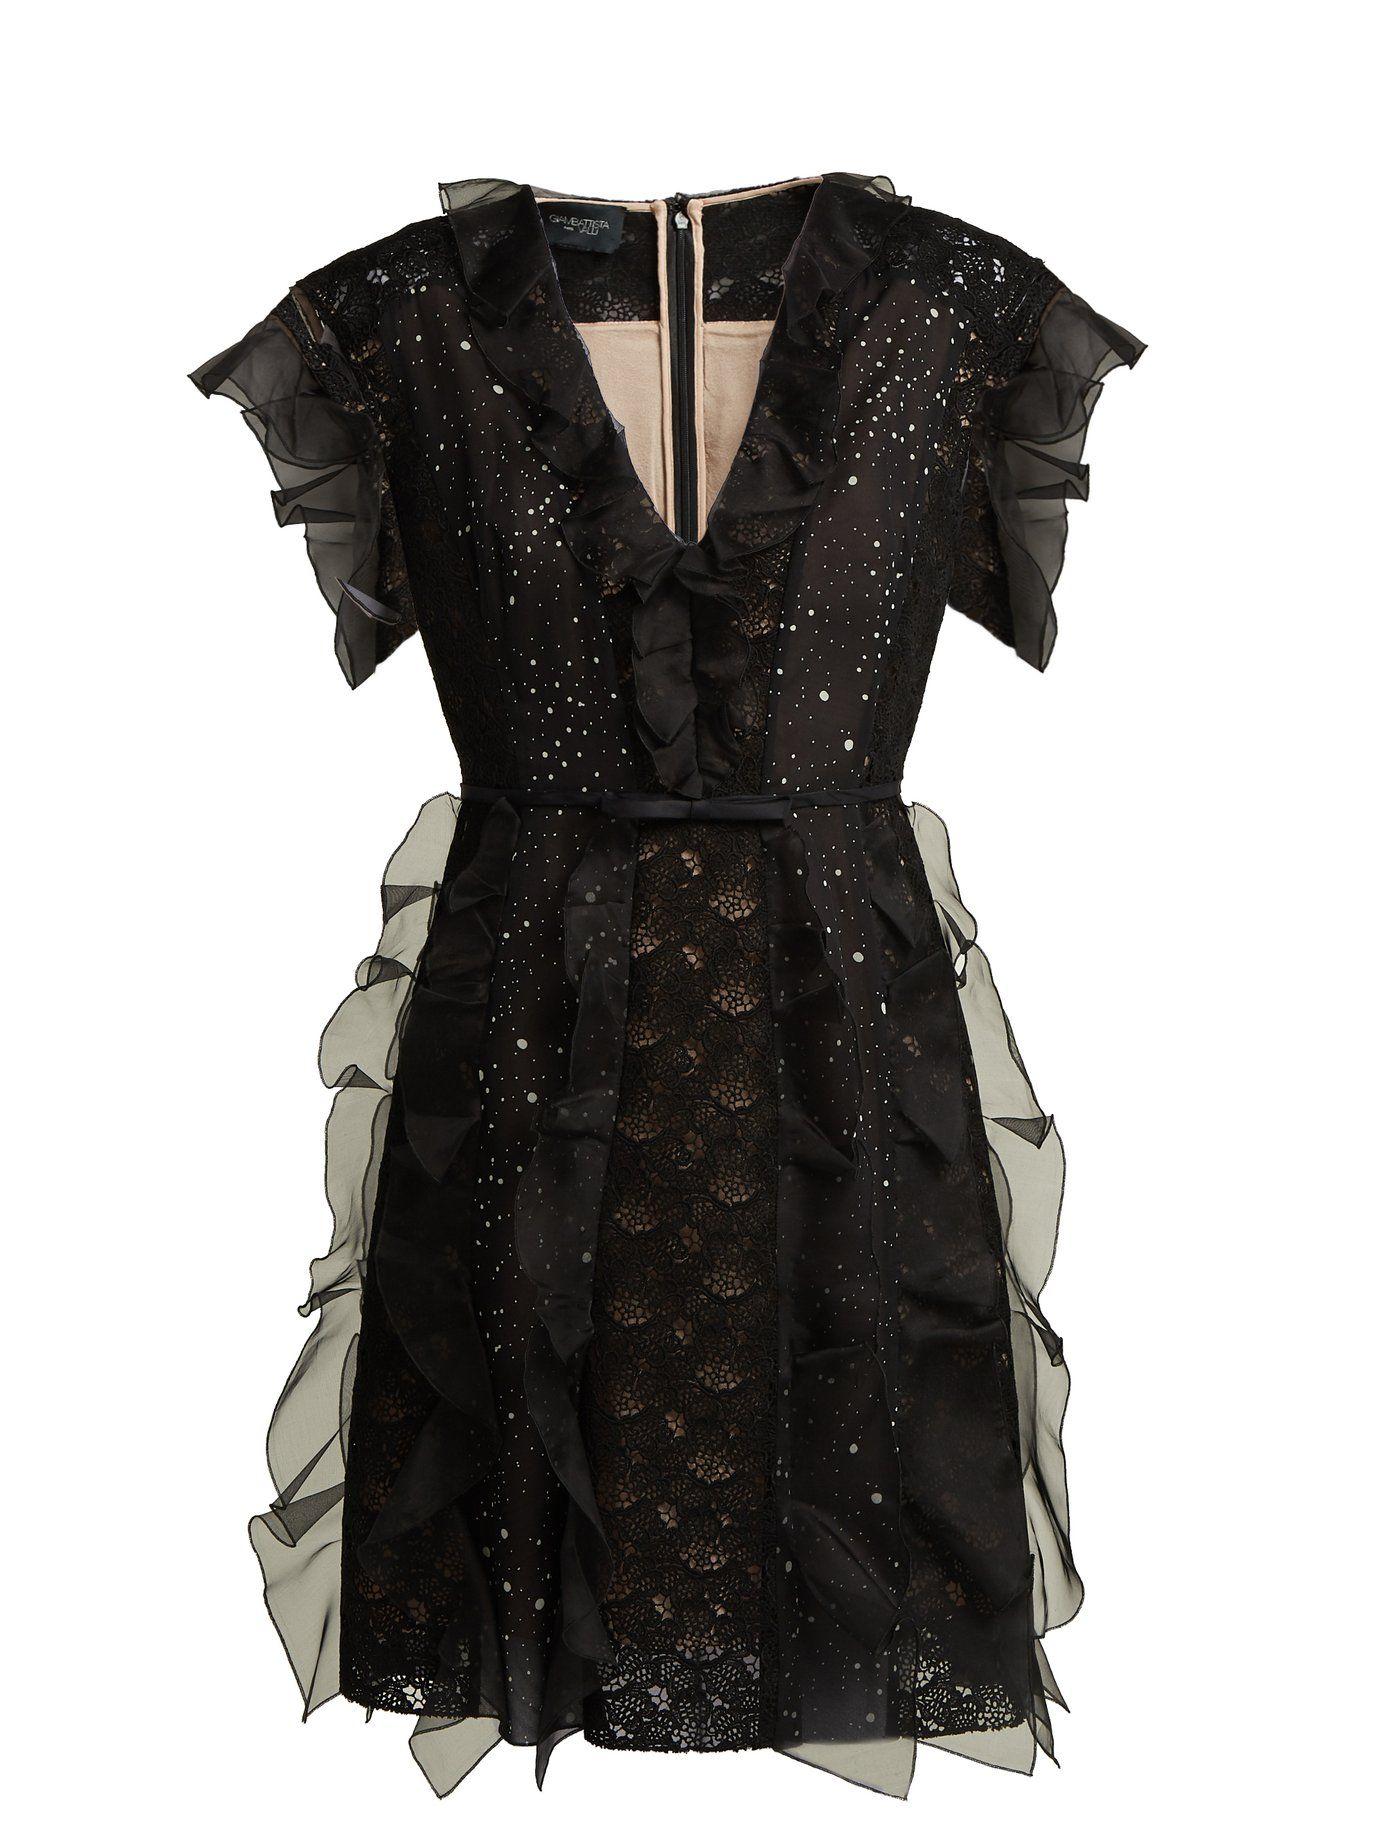 cb038c8fa975 Ruffled lace-panelled silk dress | Giambattista Valli | MATCHESFASHION.COM  UK